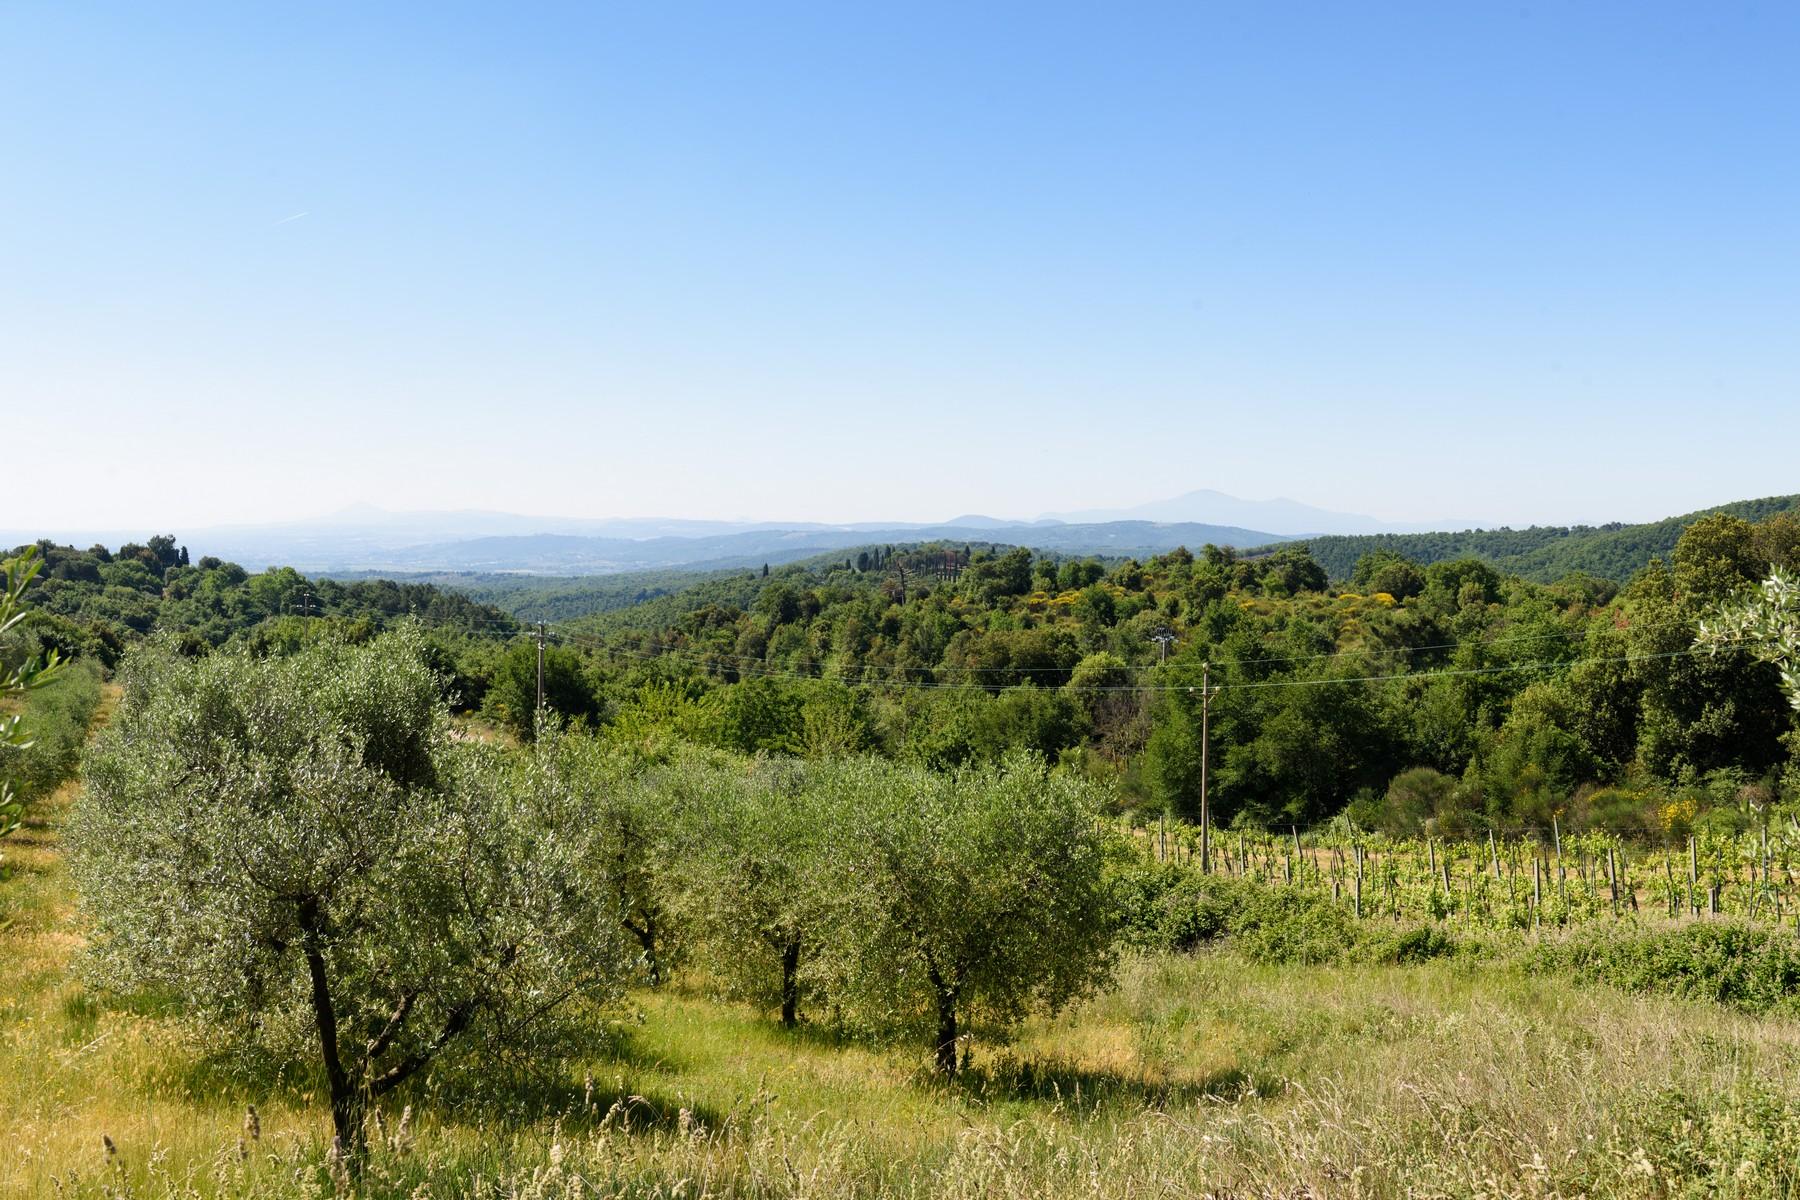 Rustico in Vendita a Monte San Savino: 5 locali, 370 mq - Foto 11